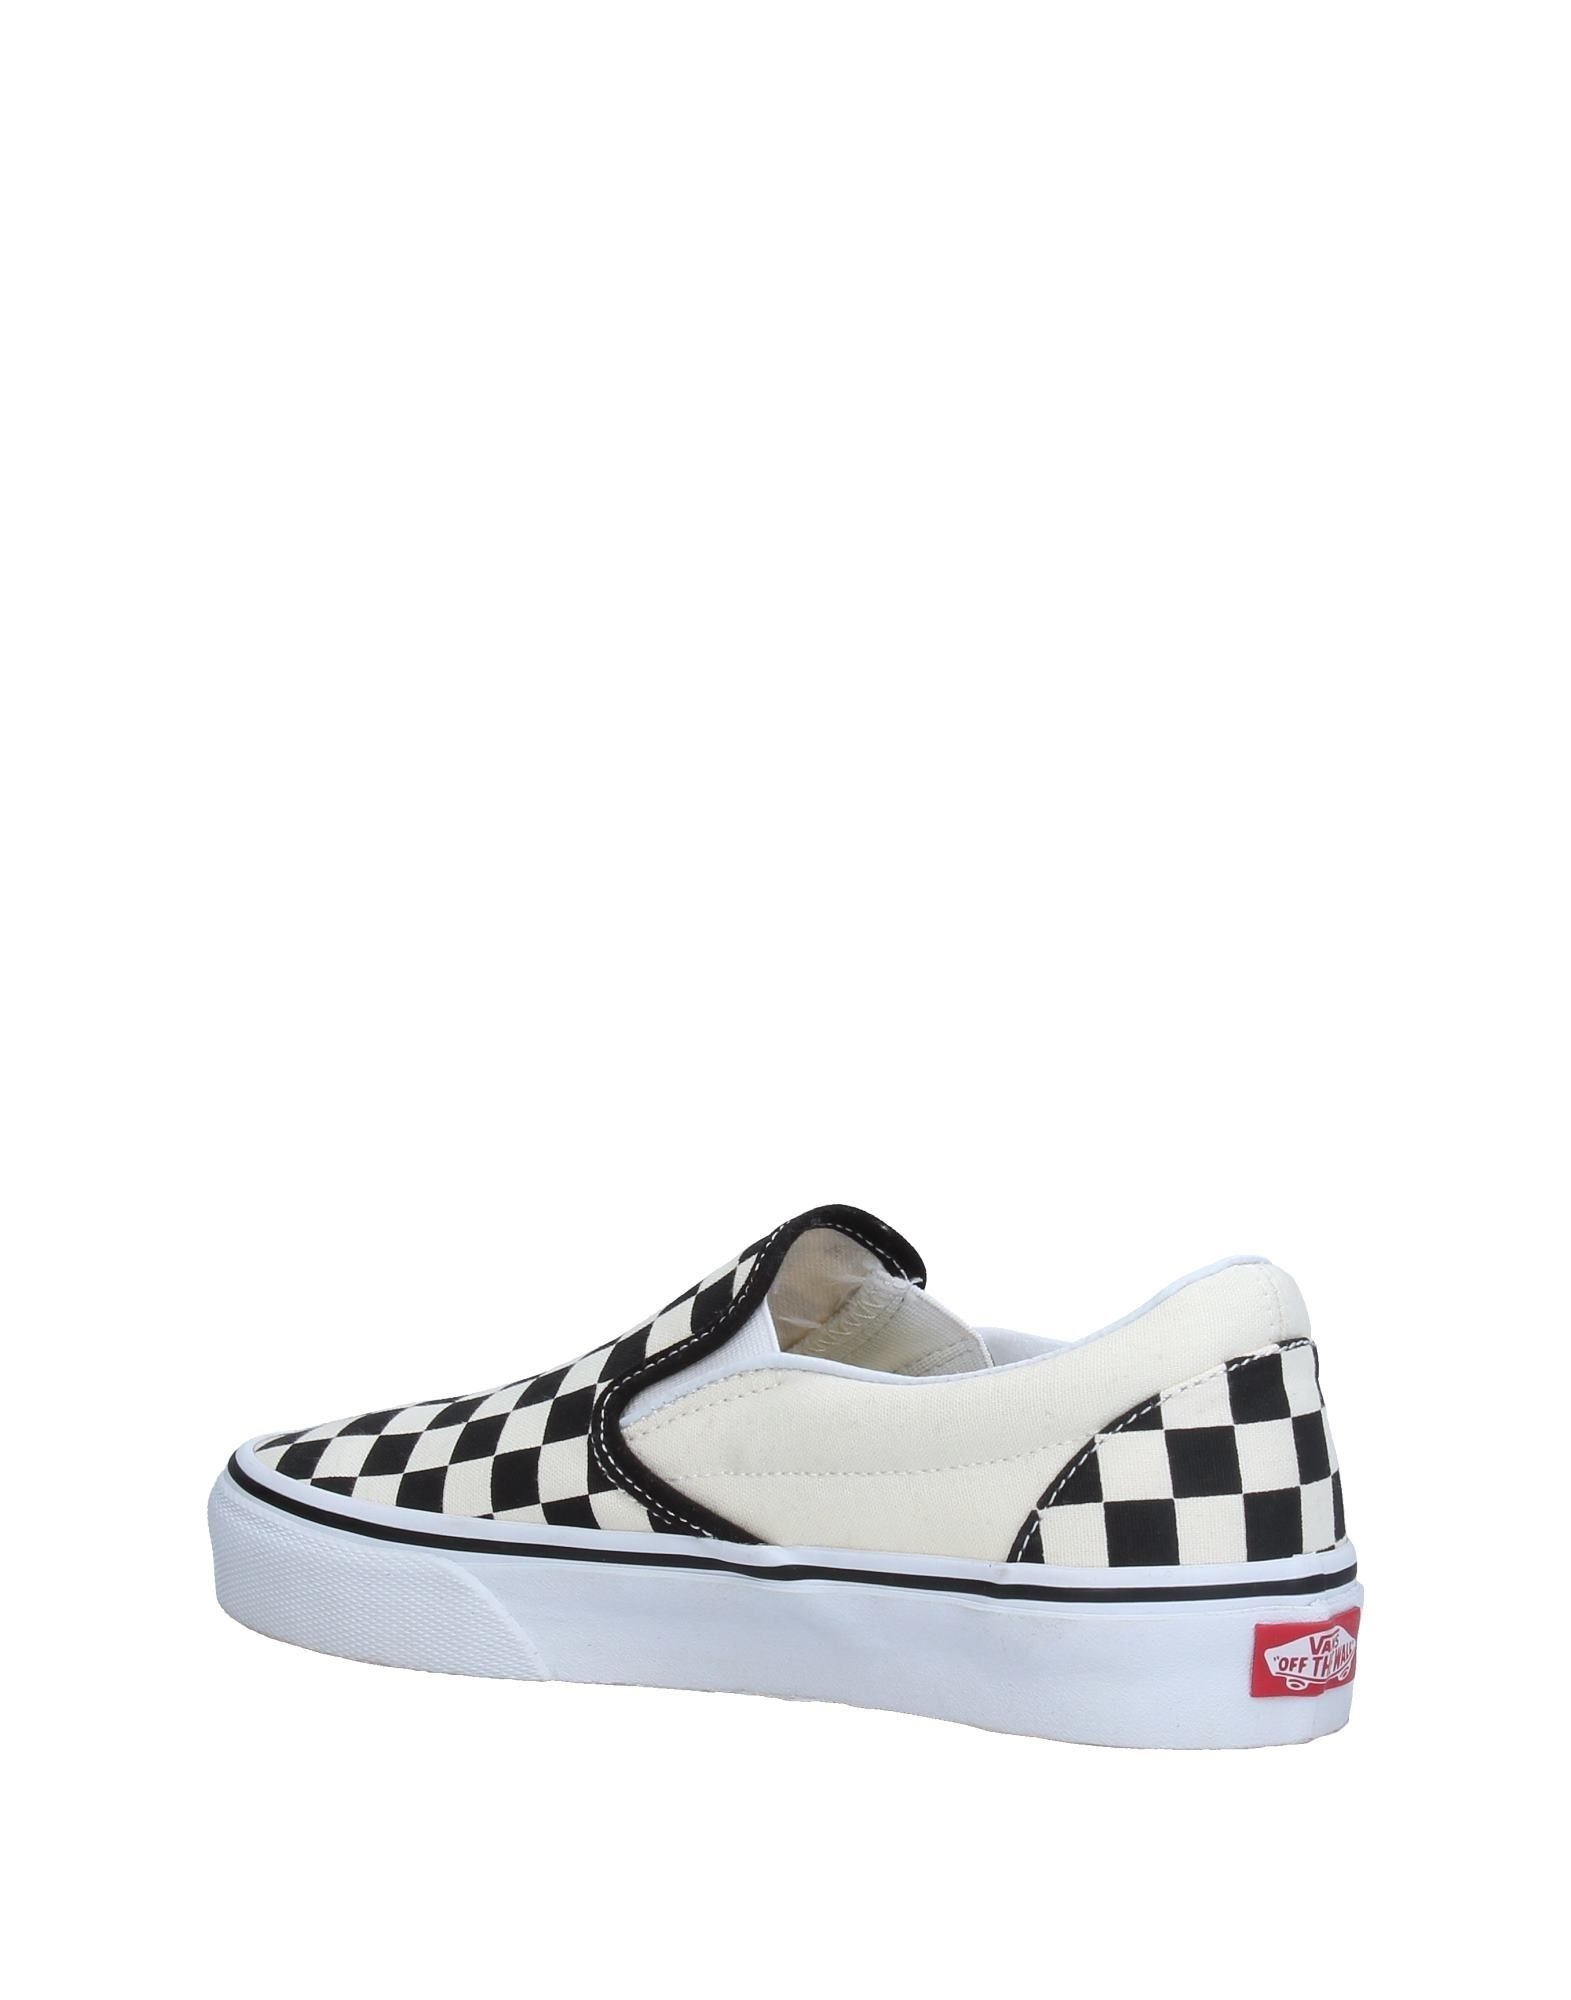 Rabatt Herren echte Schuhe Vans Sneakers Herren Rabatt  11364113BV 717c24